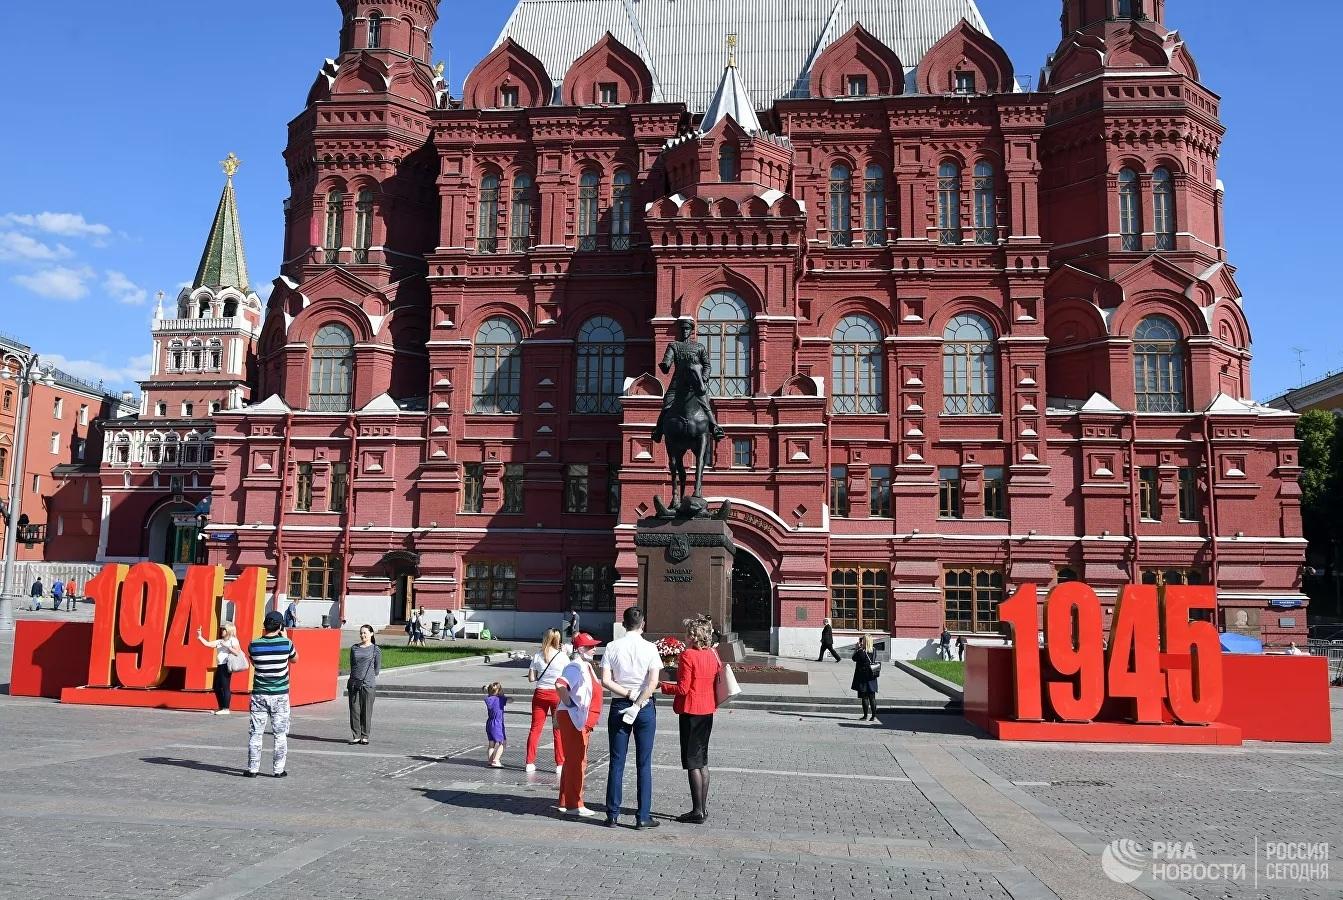 Hôm nay Nga tổ chức Lễ duyệt binh kỷ niệm 75 năm Ngày Chiến thắng phát xít